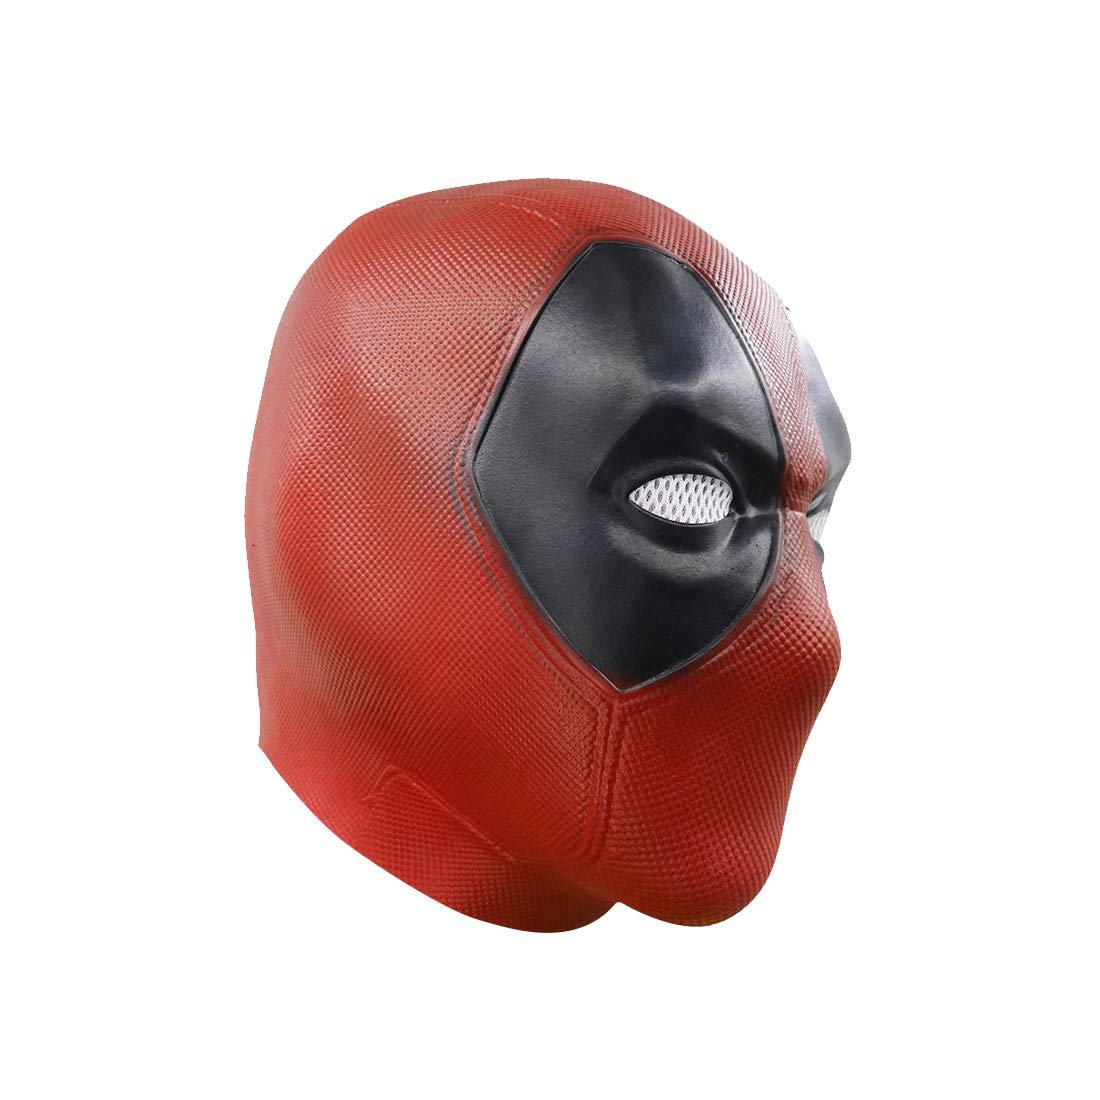 Hpparty m/áscara de Deadpool pel/ícula cosplay Halloween disfraz r/éplica m/áscara Latex Mask